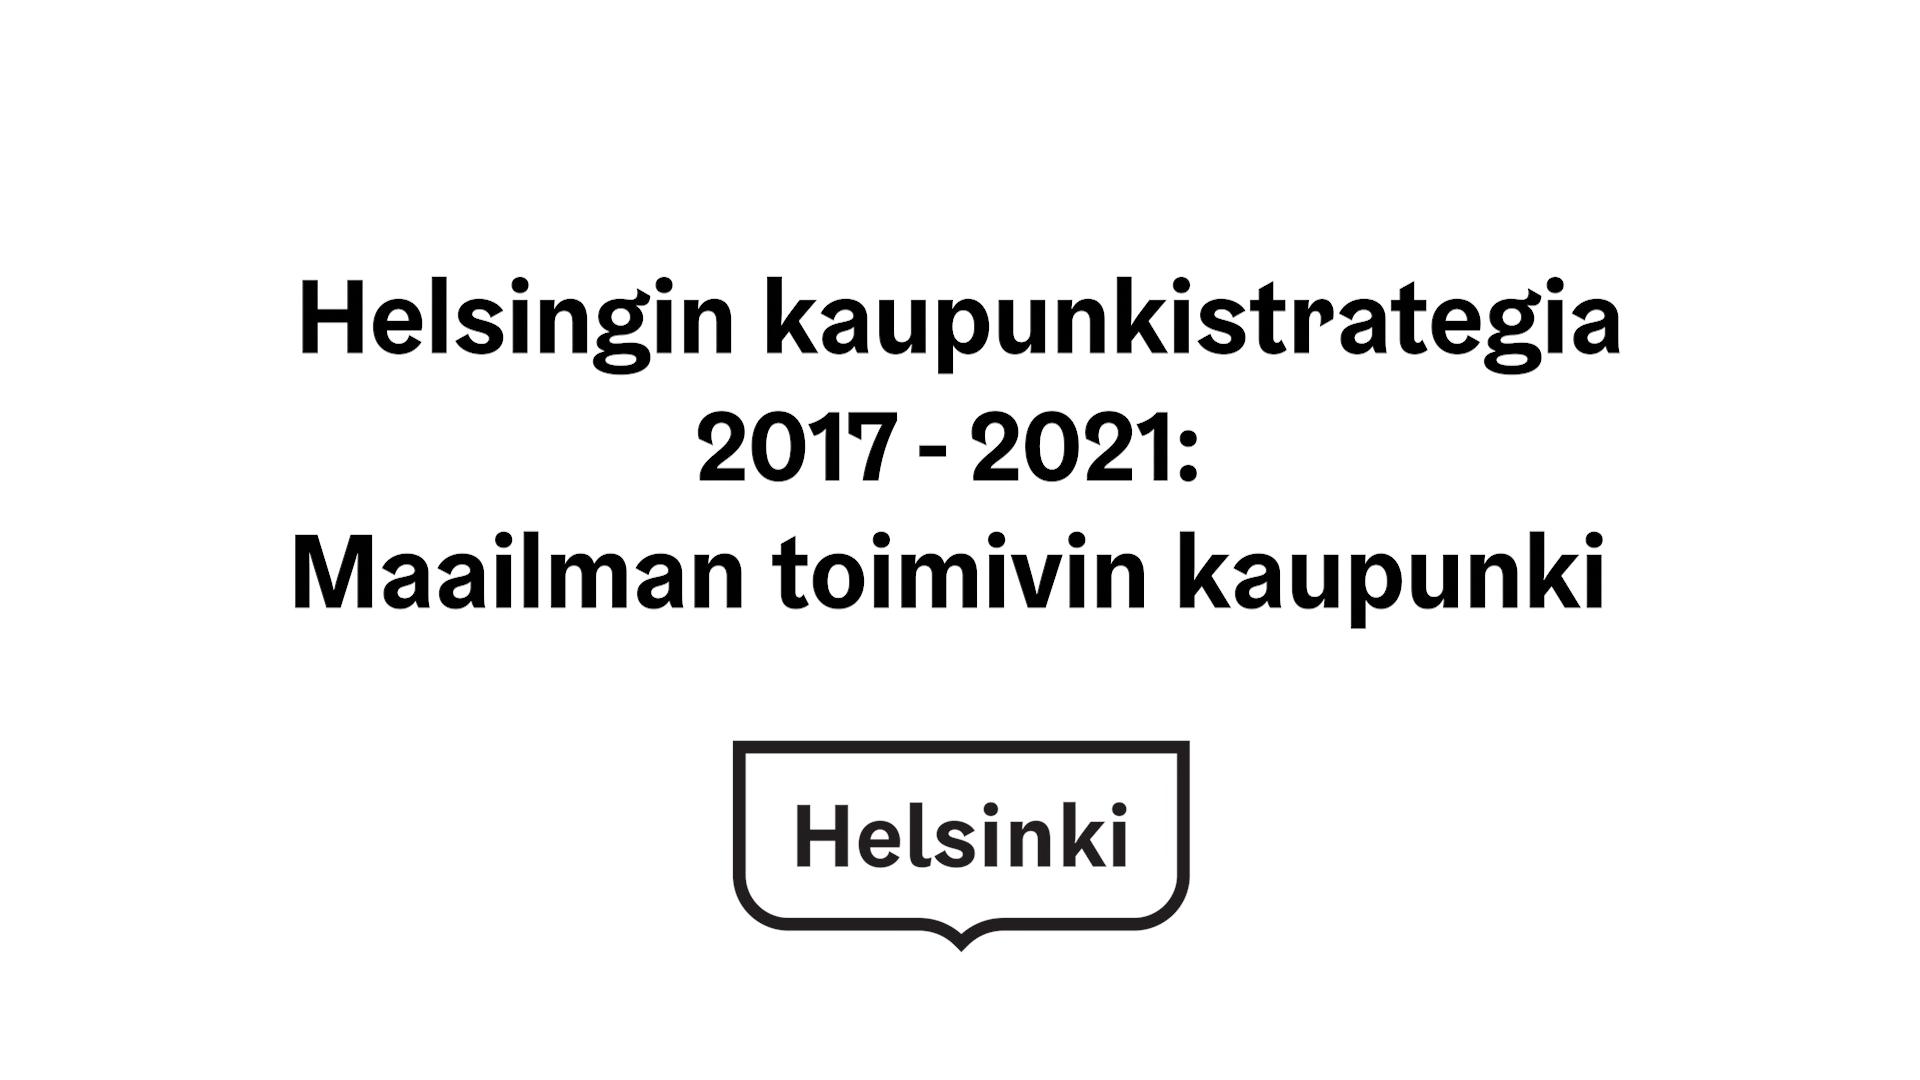 Kaupunkistrategia 2017-2021: Maailman toimivin kaupunki